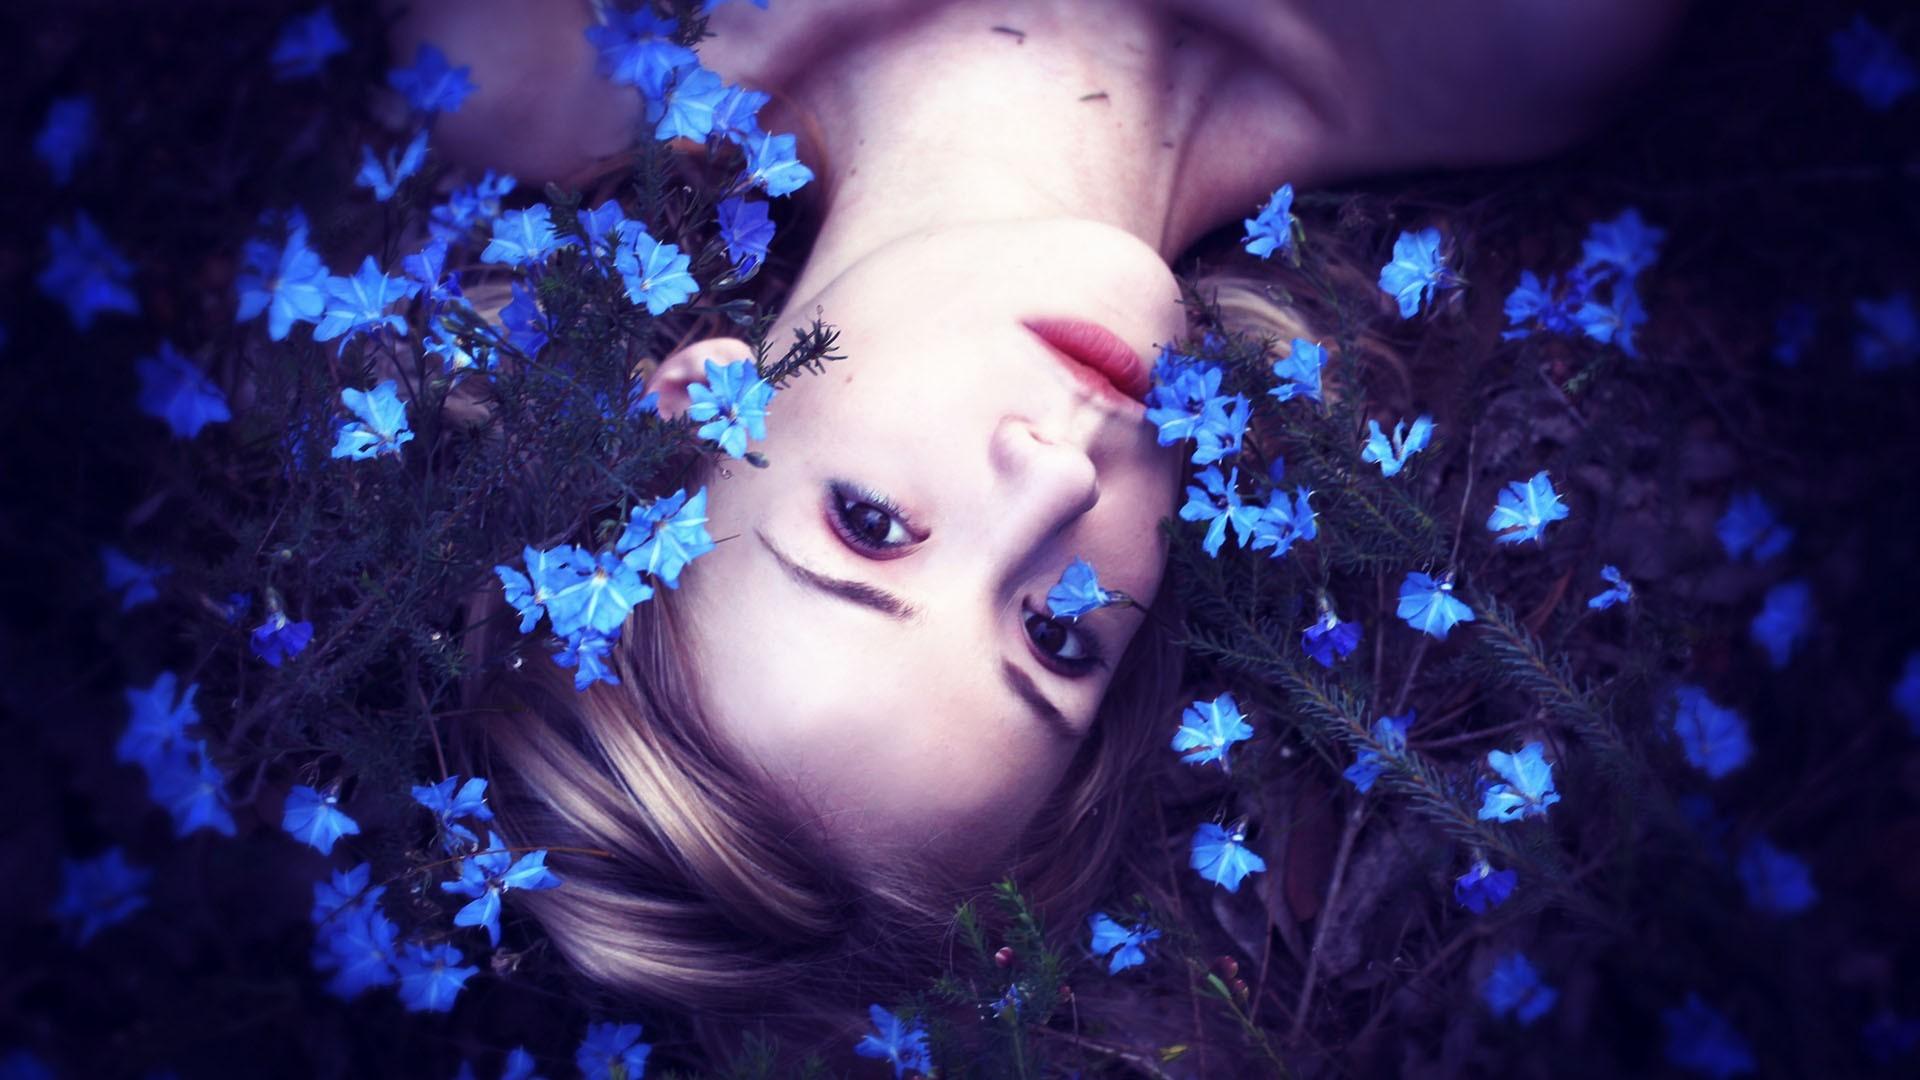 Необычное фото девушек с цветами